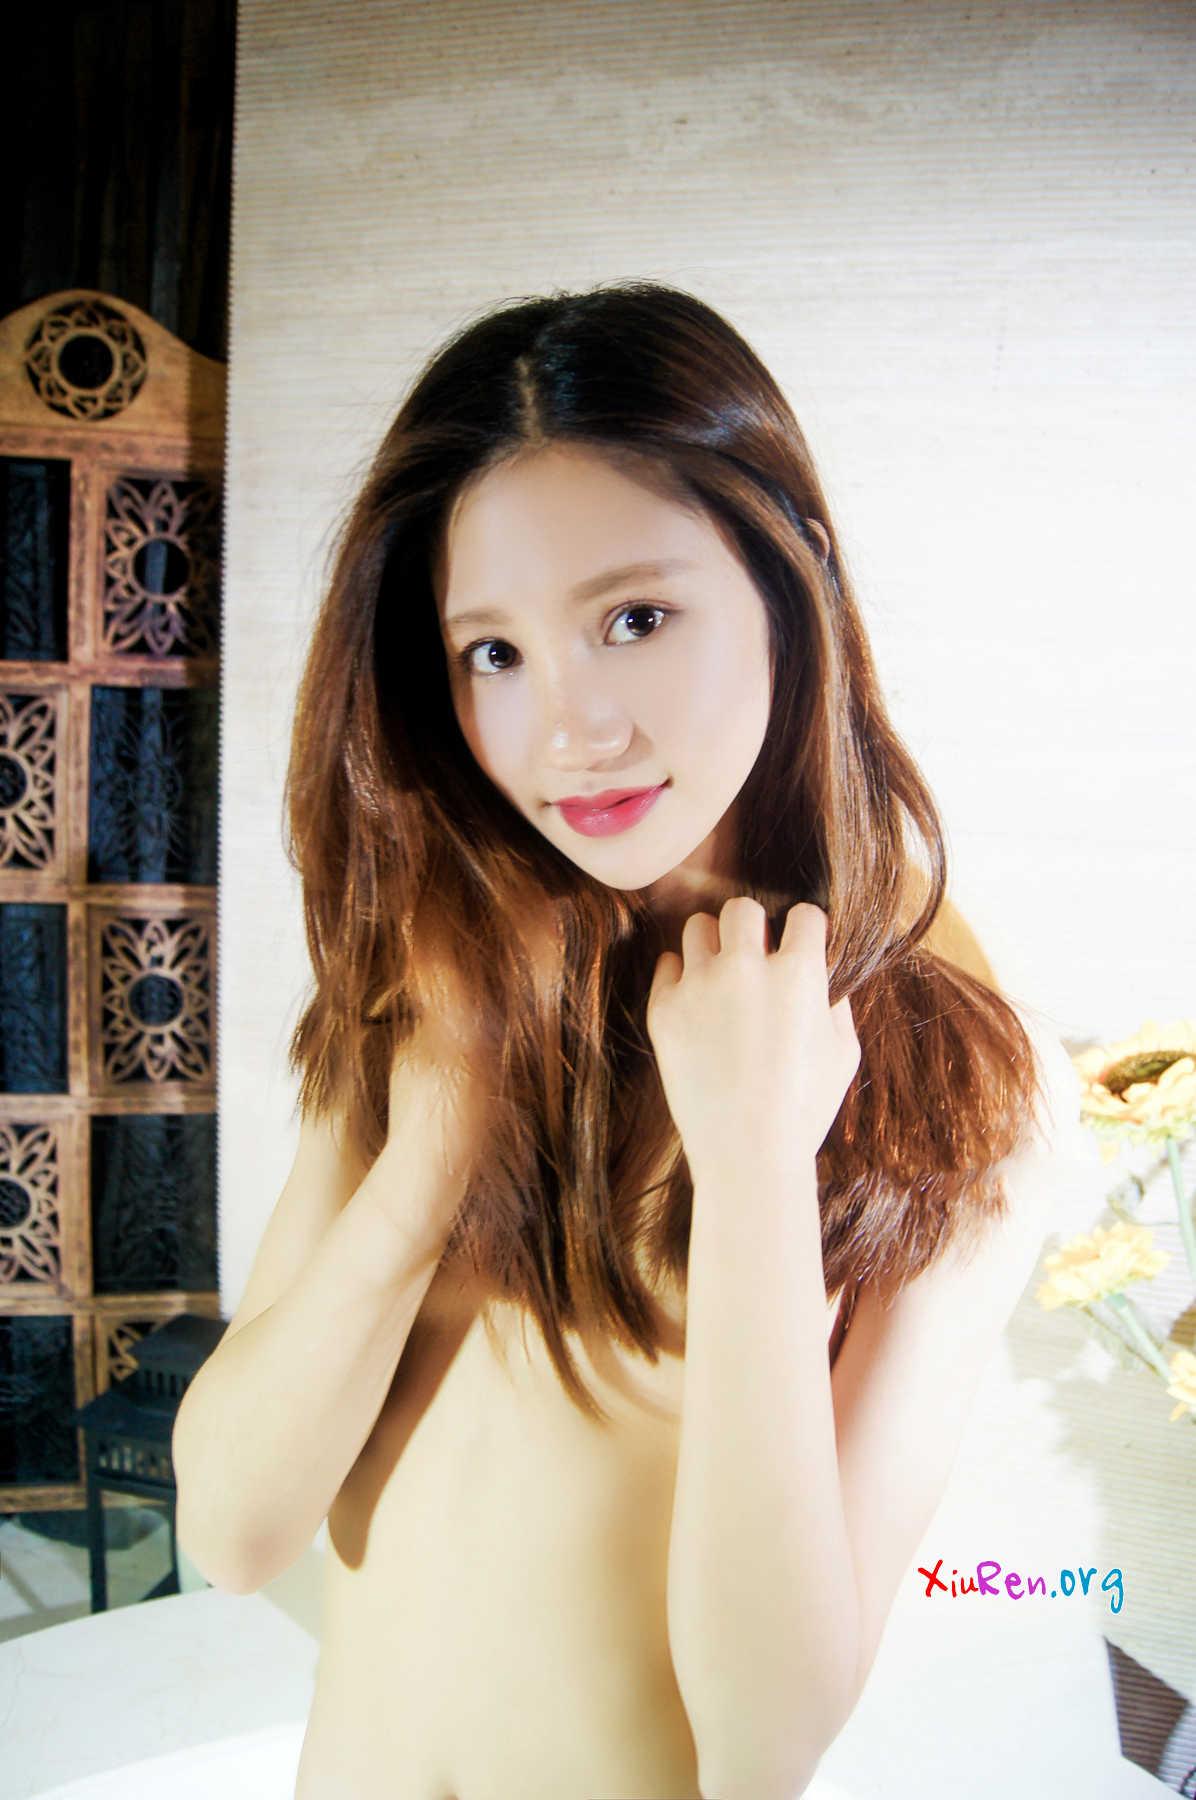 0013 - Xiuren Hot Girl Nude